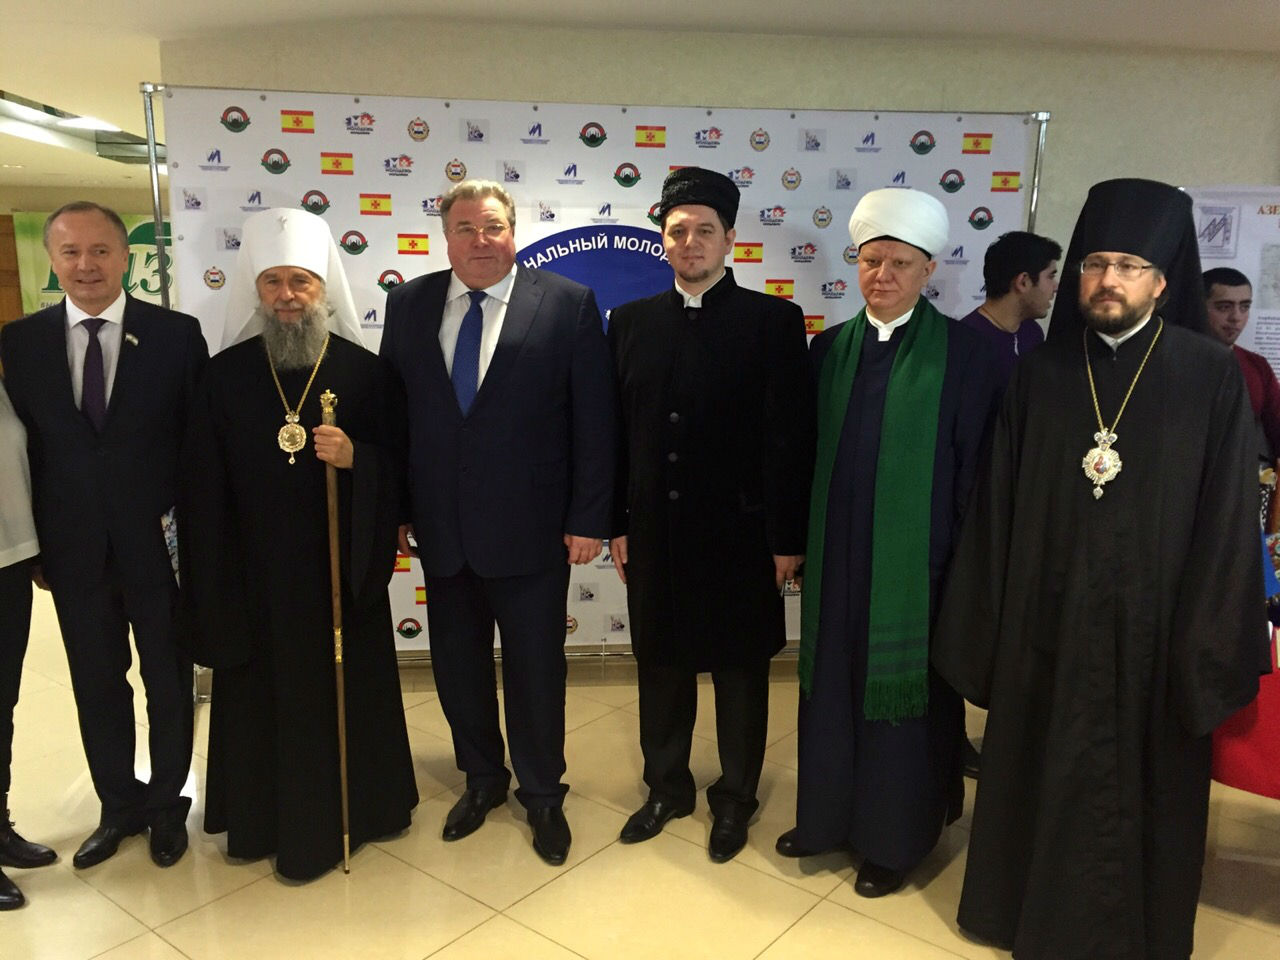 Россия – наш общий дом, подчеркнули в Мордовии